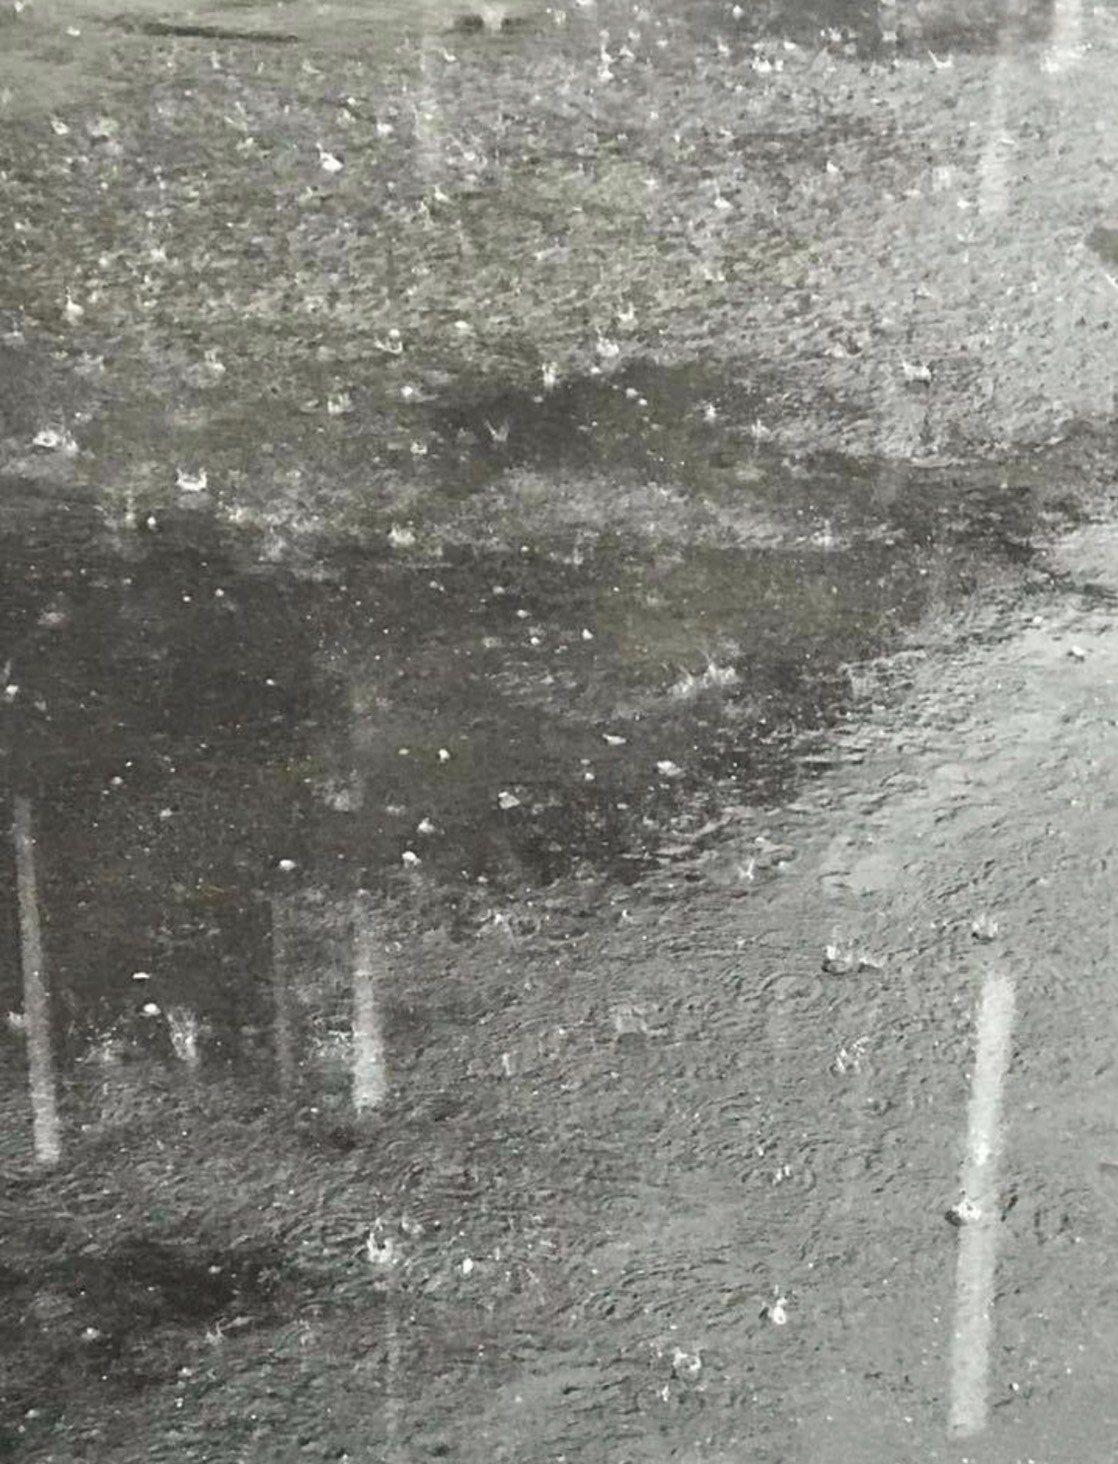 彰化縣埤頭鄉、北斗鎮等地今天上午近8點在一陣大雨下,竟夾帶著冰雹,讓民眾直呼「好...